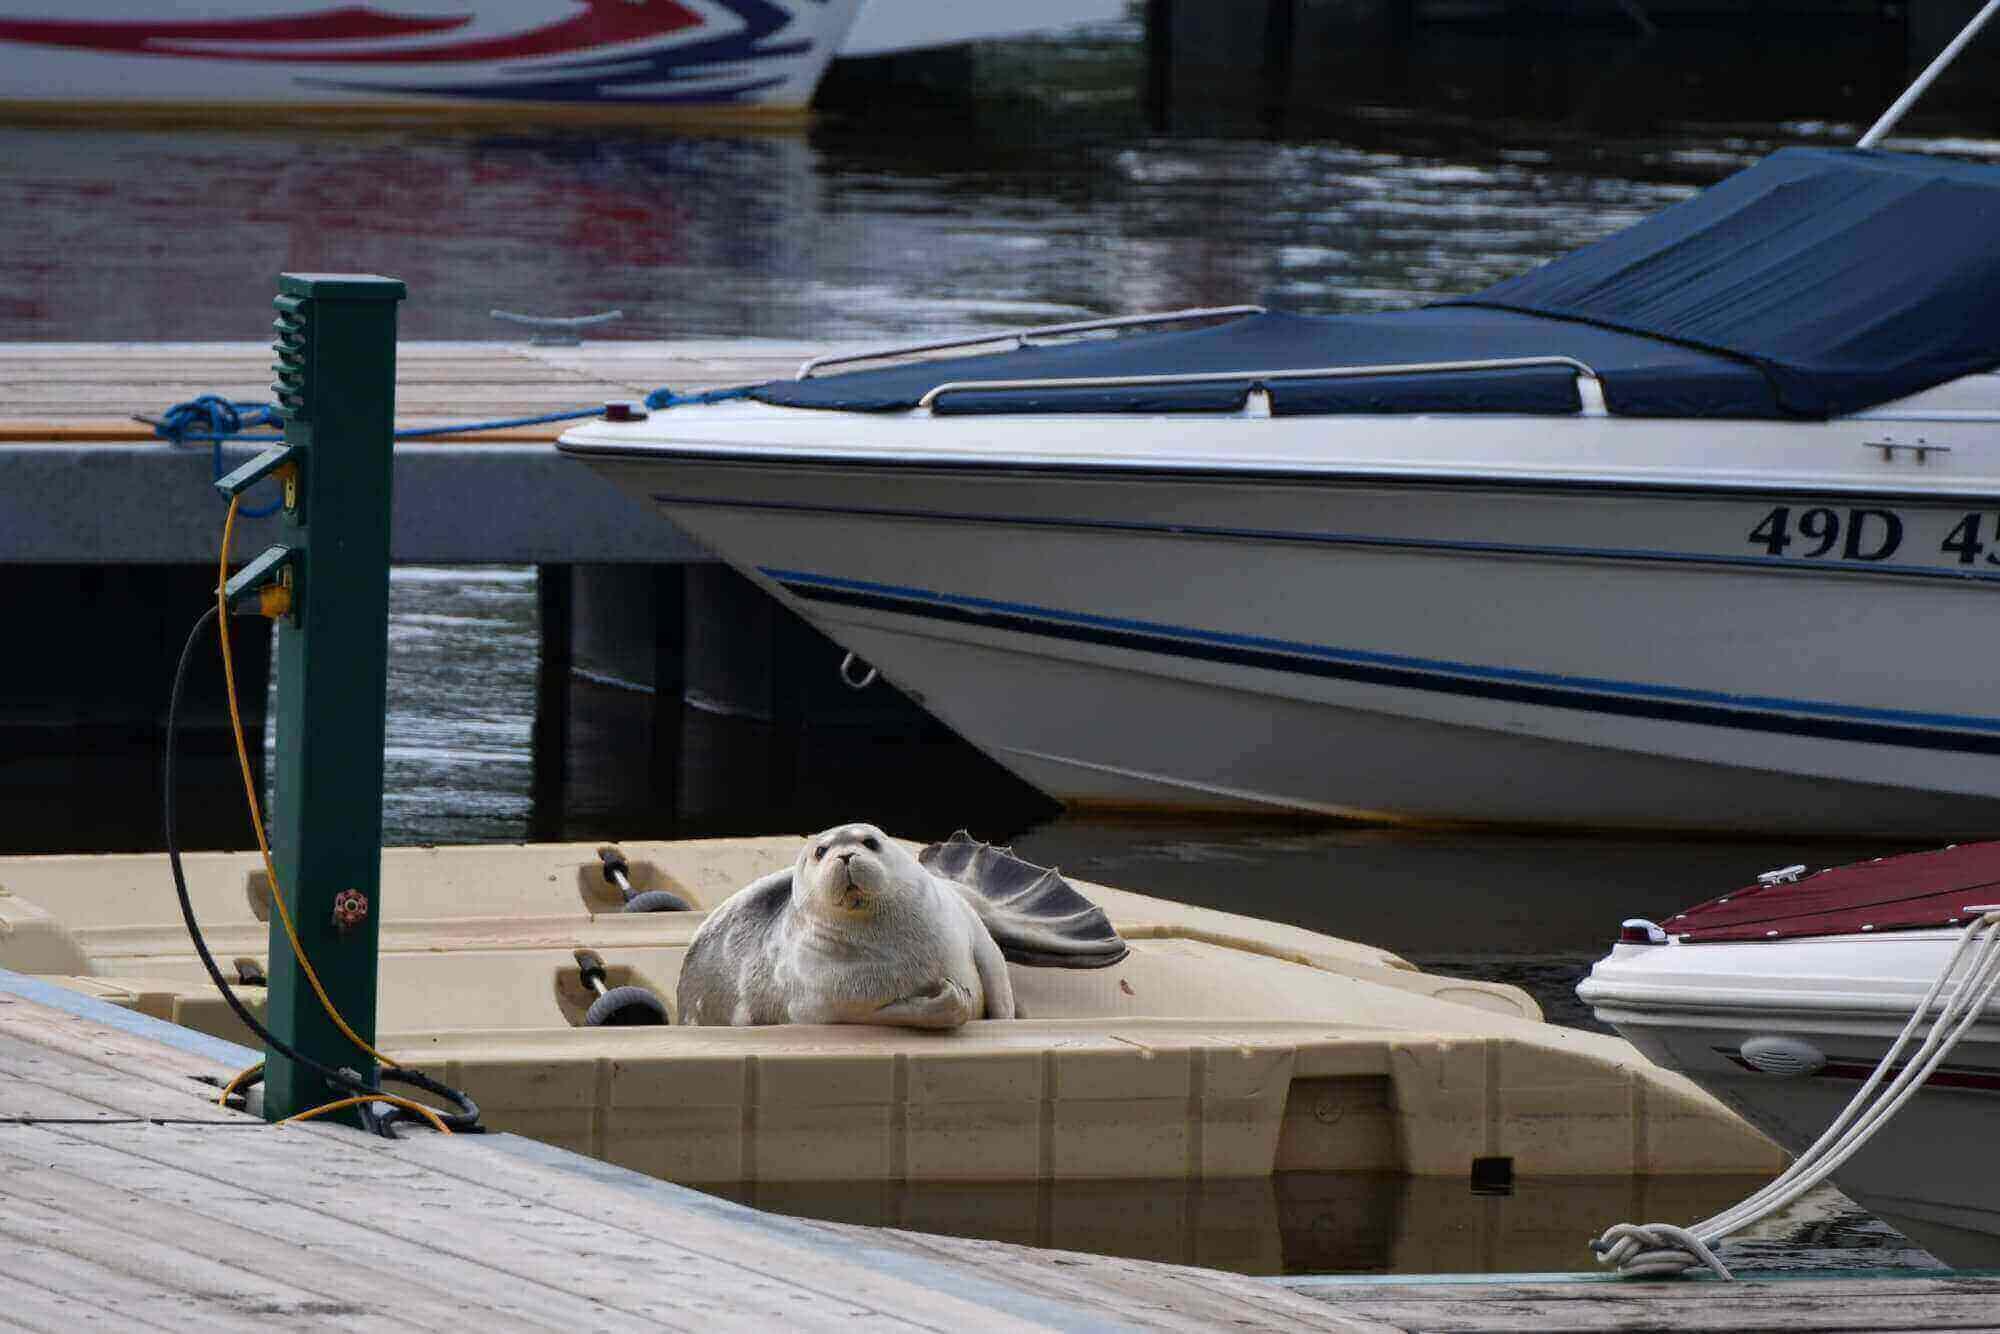 Phoque barbu à laval, sur une plateforme flottante. Ses nageoires postérieures sont déployées